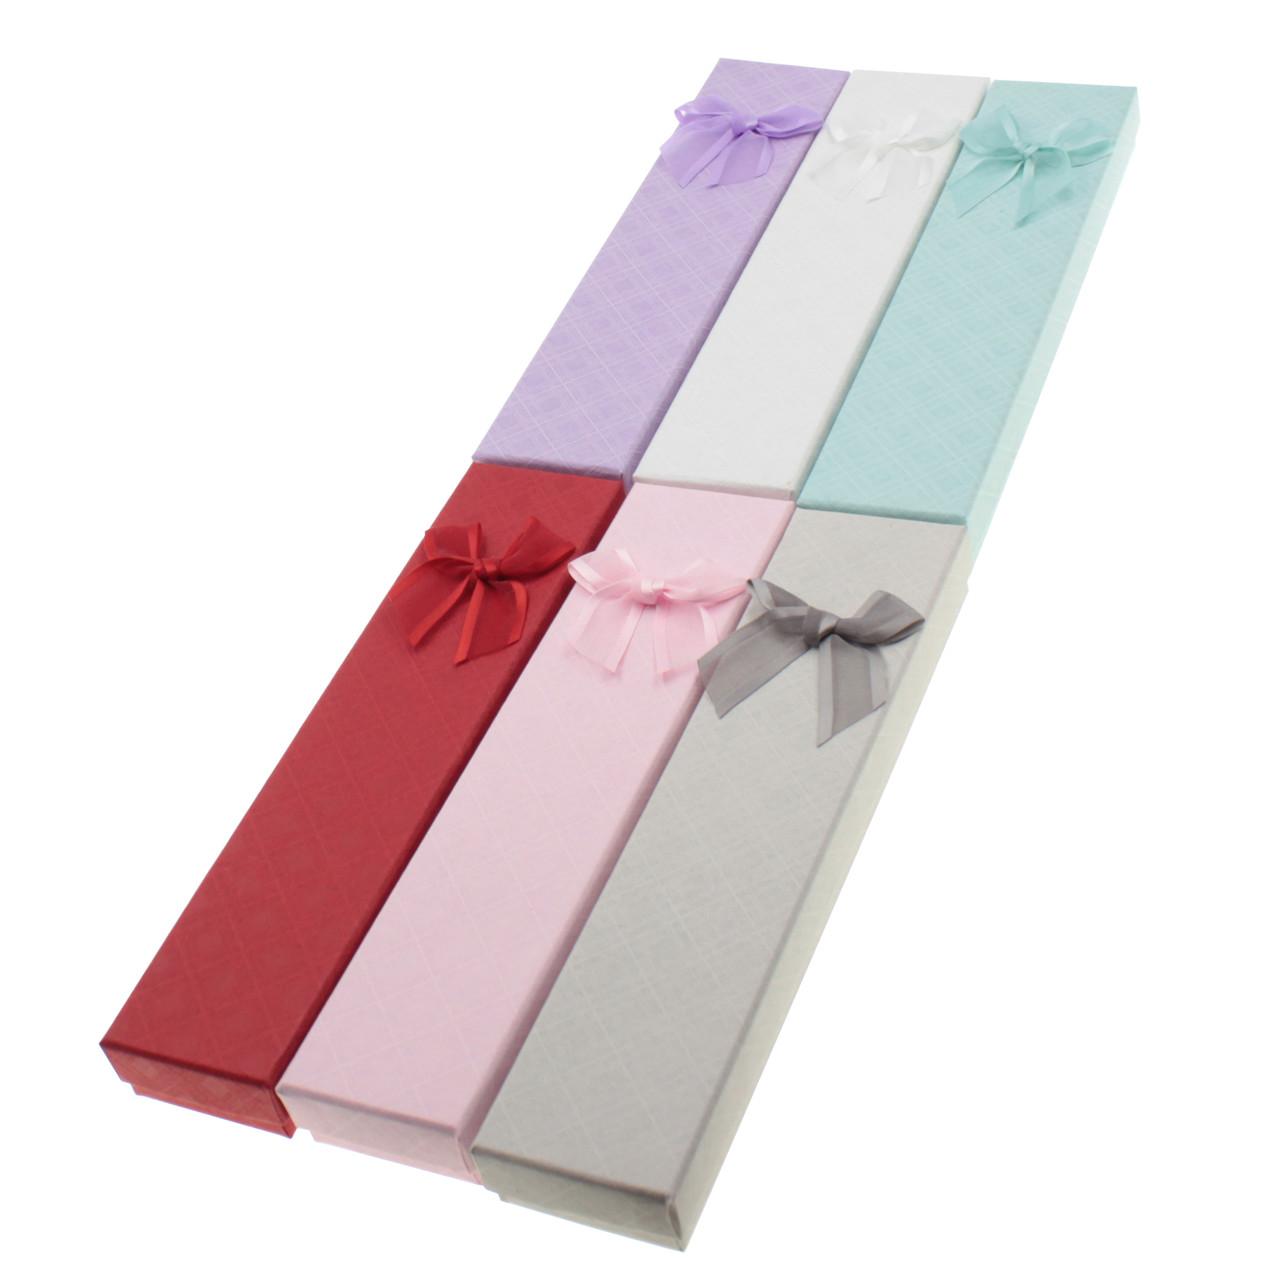 Подарочная коробочка под браслет или цепочку Геометрические узоры 20,2*4,5*2,2 см